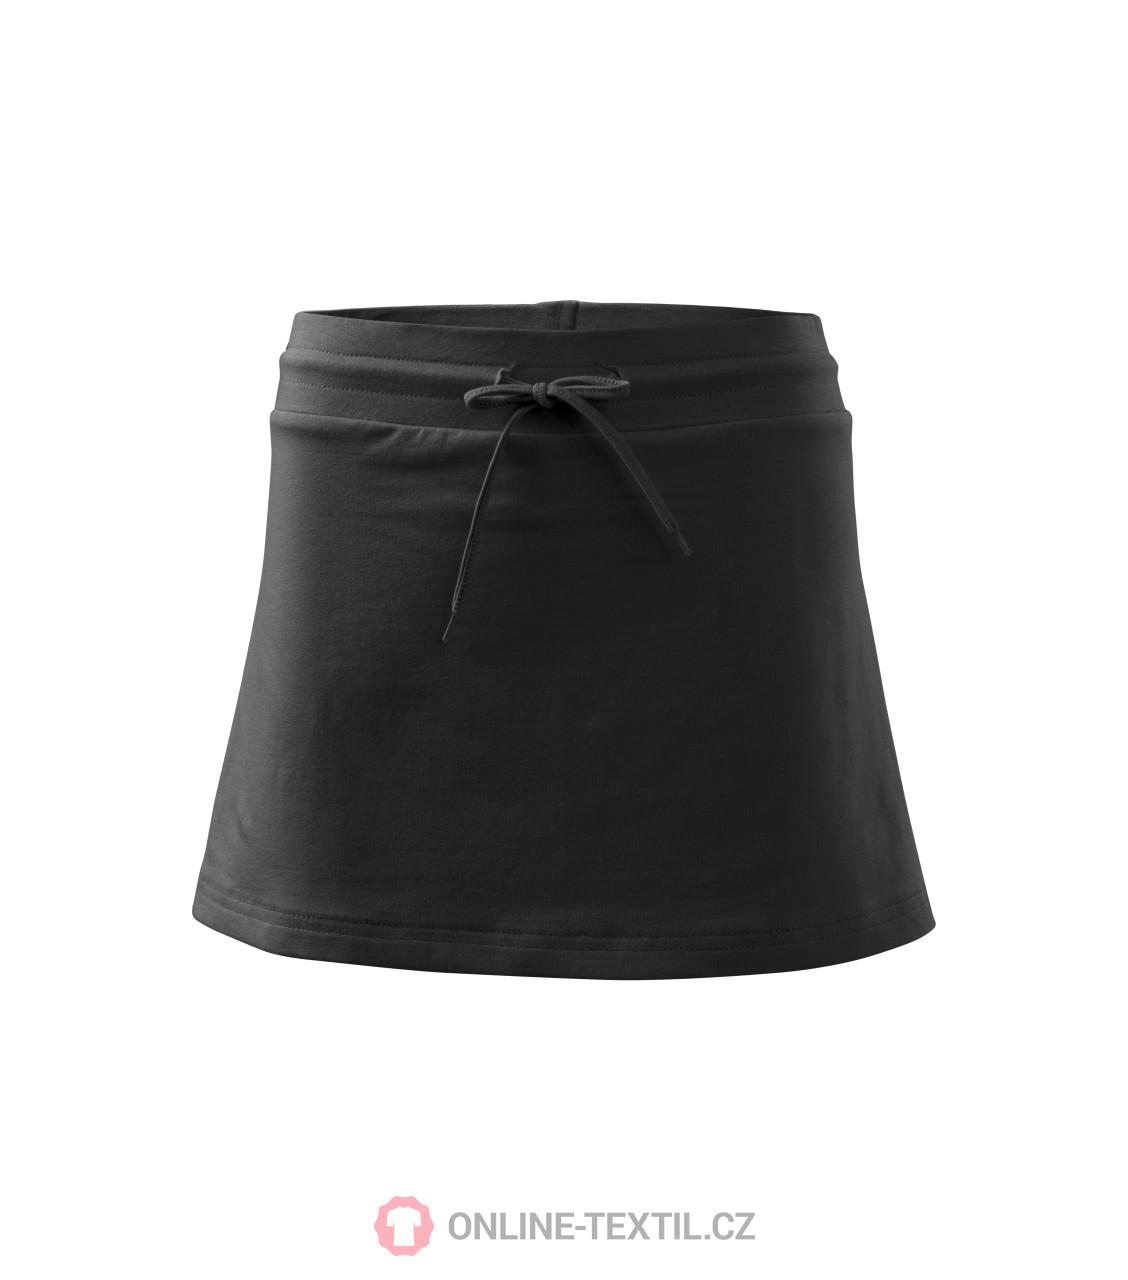 ADLER CZECH Sukně dámská Skirt two in one 604 - černá z kolekce ... 2c3115f4a9